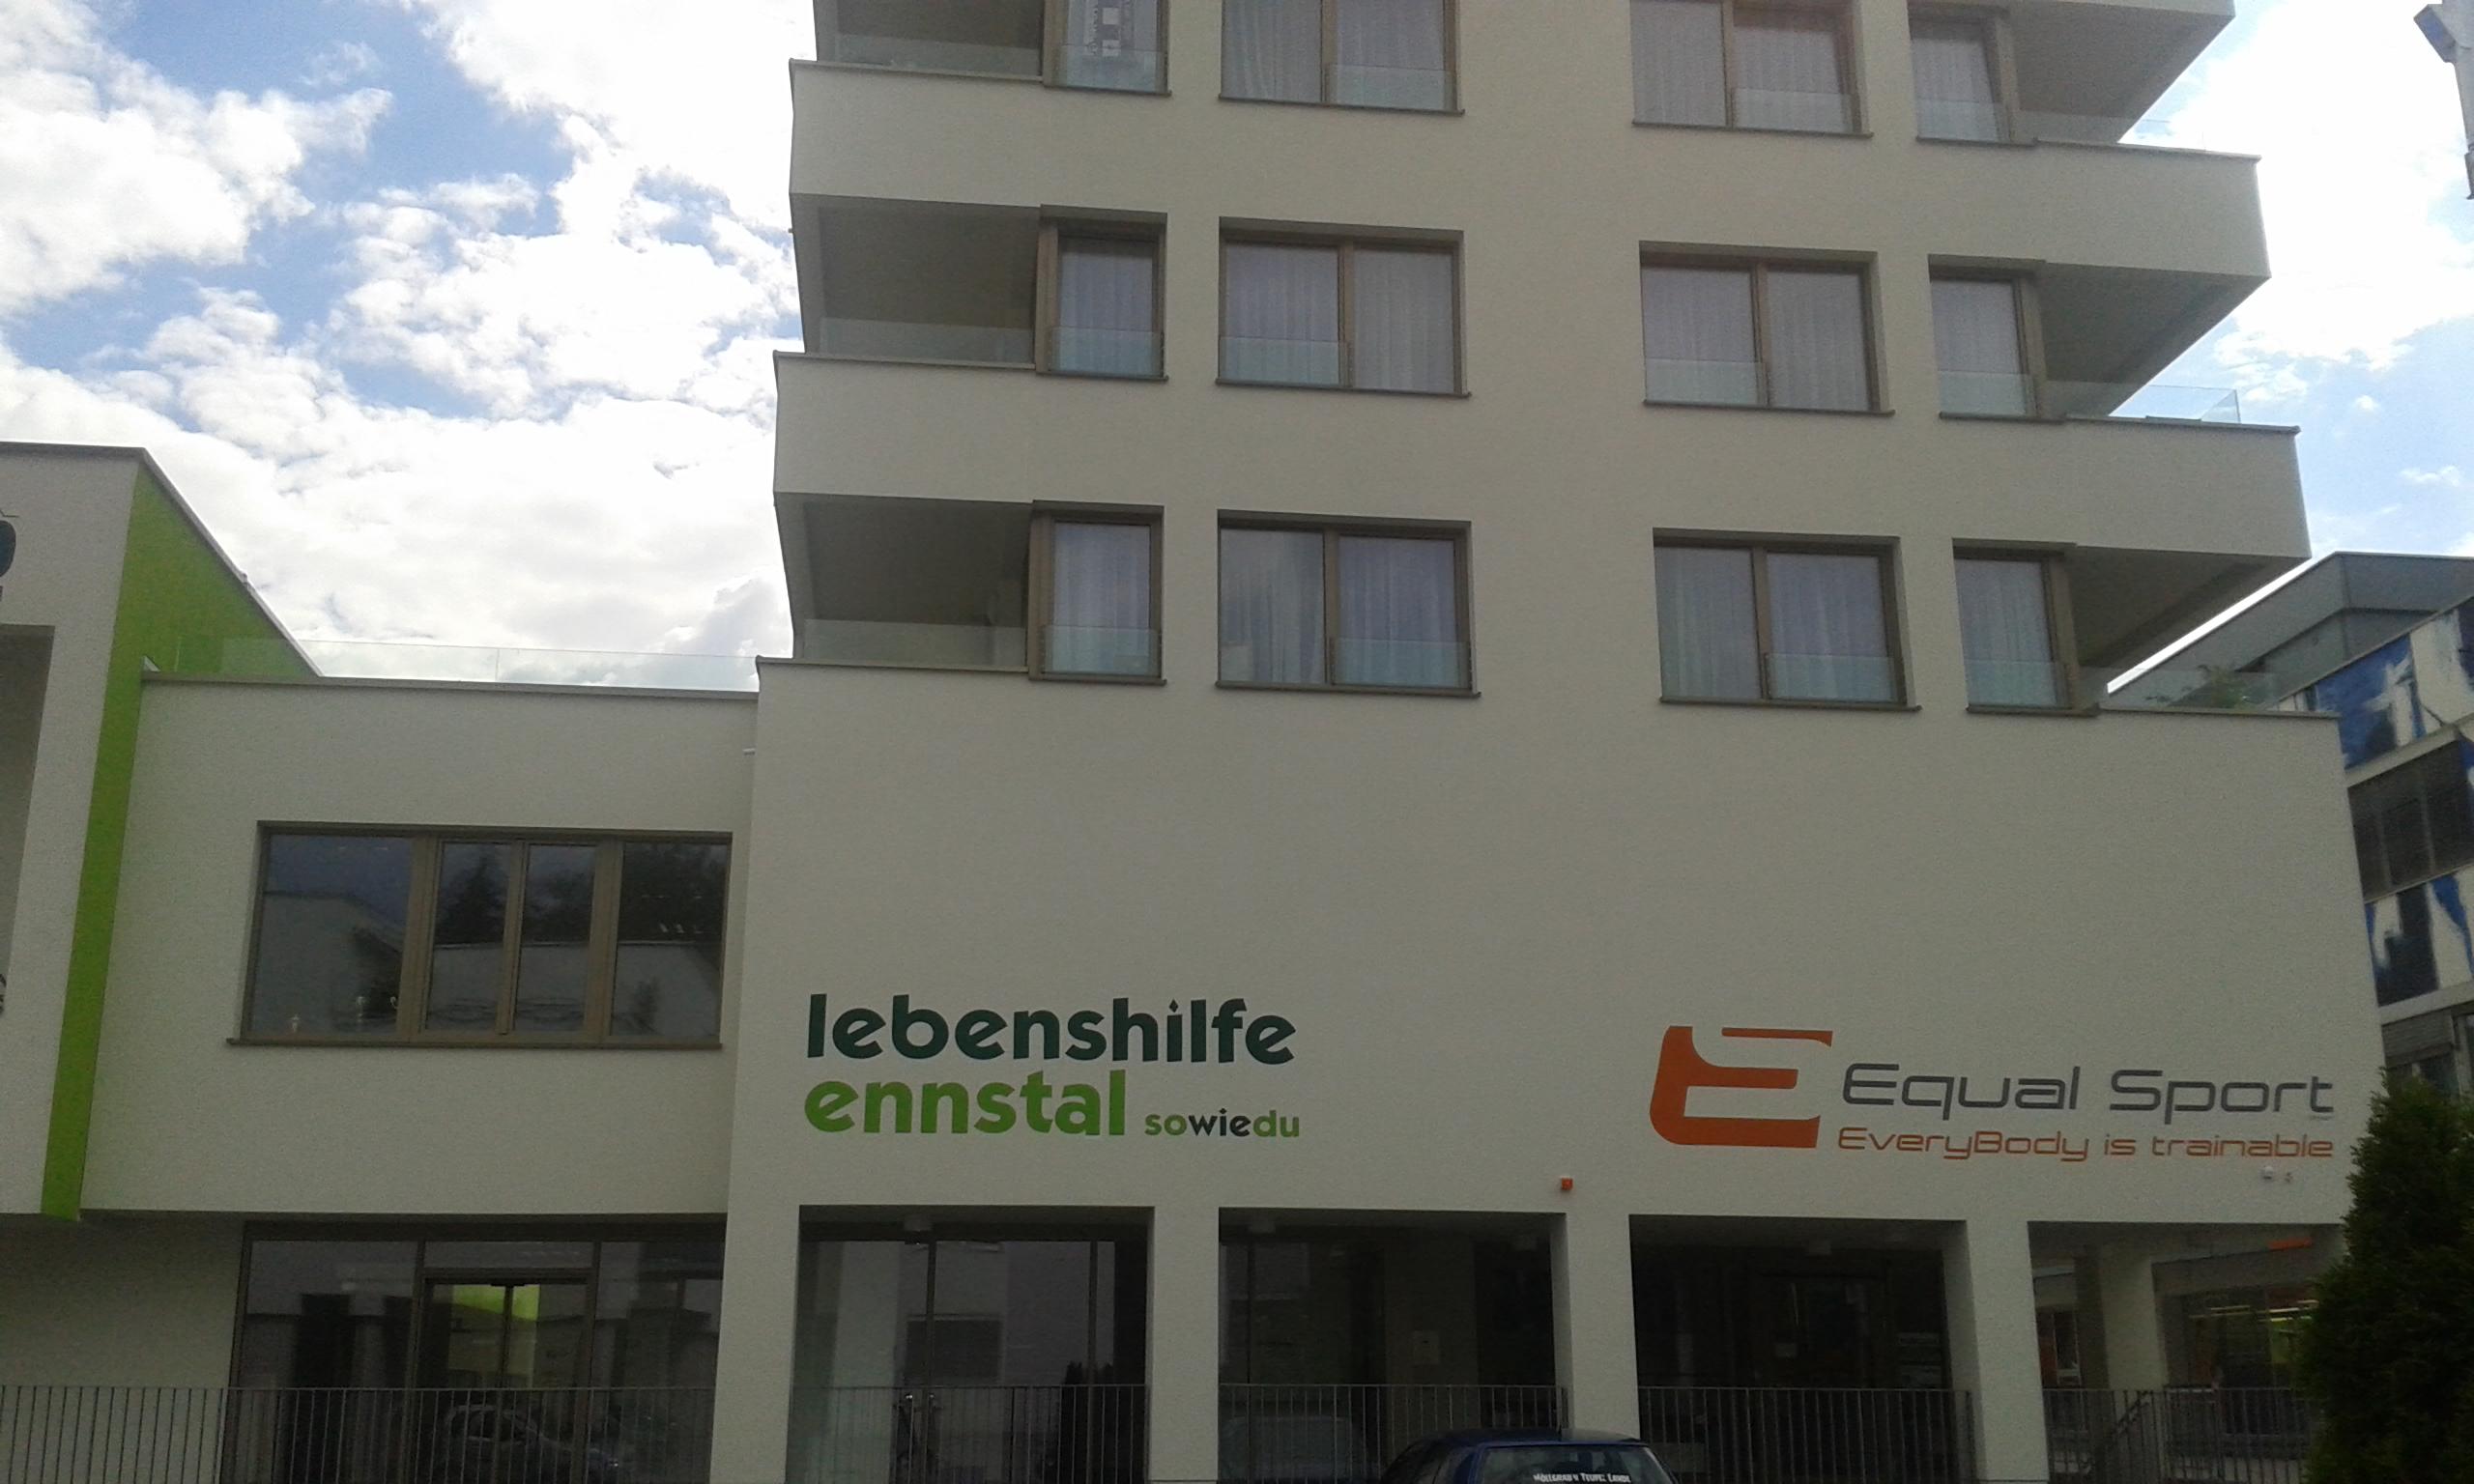 Lebenshilfe Ennstal Liezen Teilzeitbetreutes Wohnen, Fronleichnamsweg 13, 8940, Austria